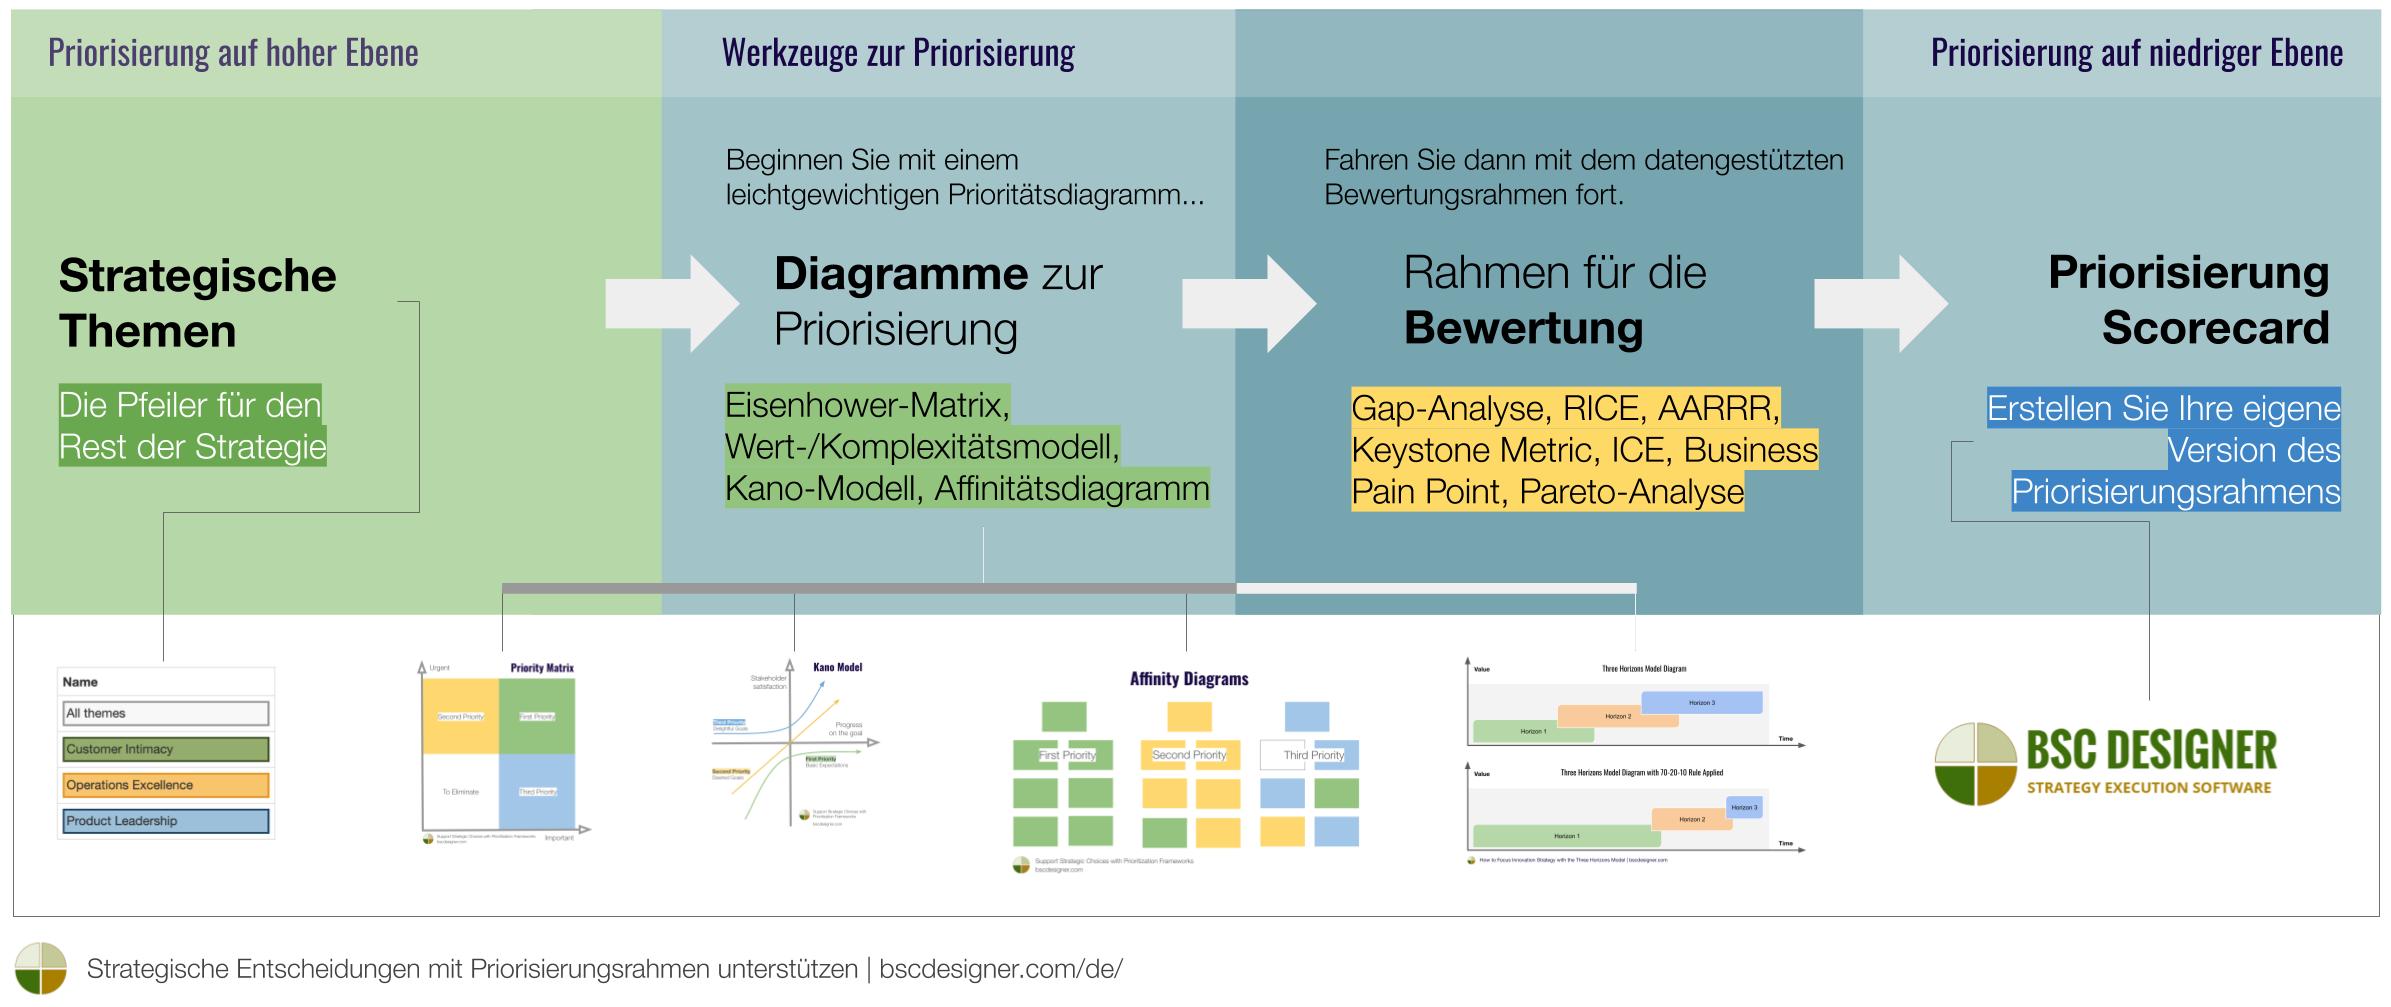 Strategische Entscheidungen mit Priorisierungsrahmen - Priorisierungswerkzeuge